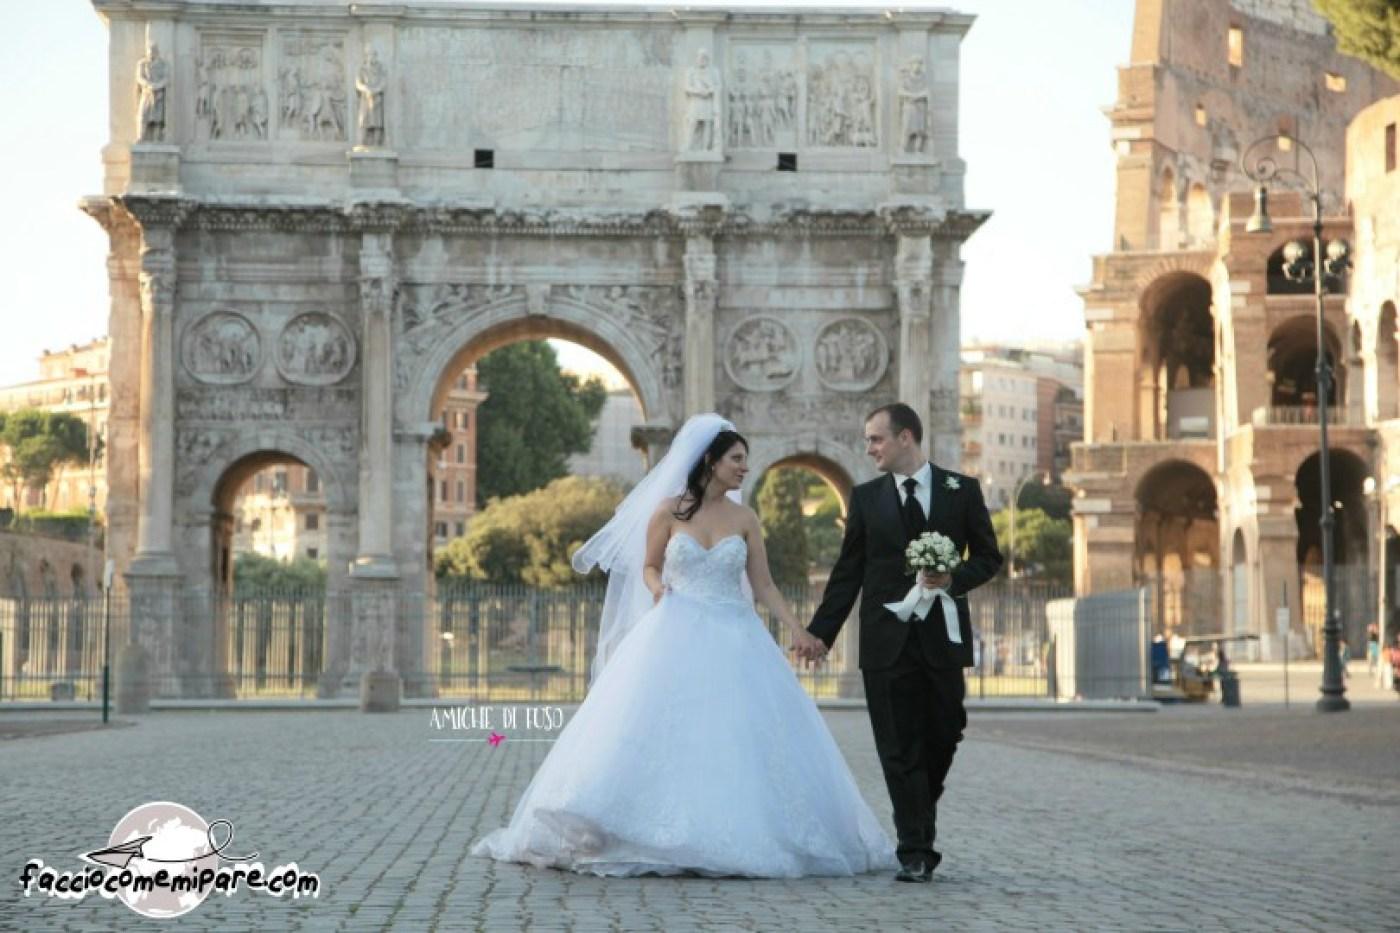 roma, tornare a roma, vivere a roma, tornare in italia, faccio come mi pare, faccio come mi pare blog, expat blog, blog, nuovo post, blog da leggere, blog da seguire, consigli blog